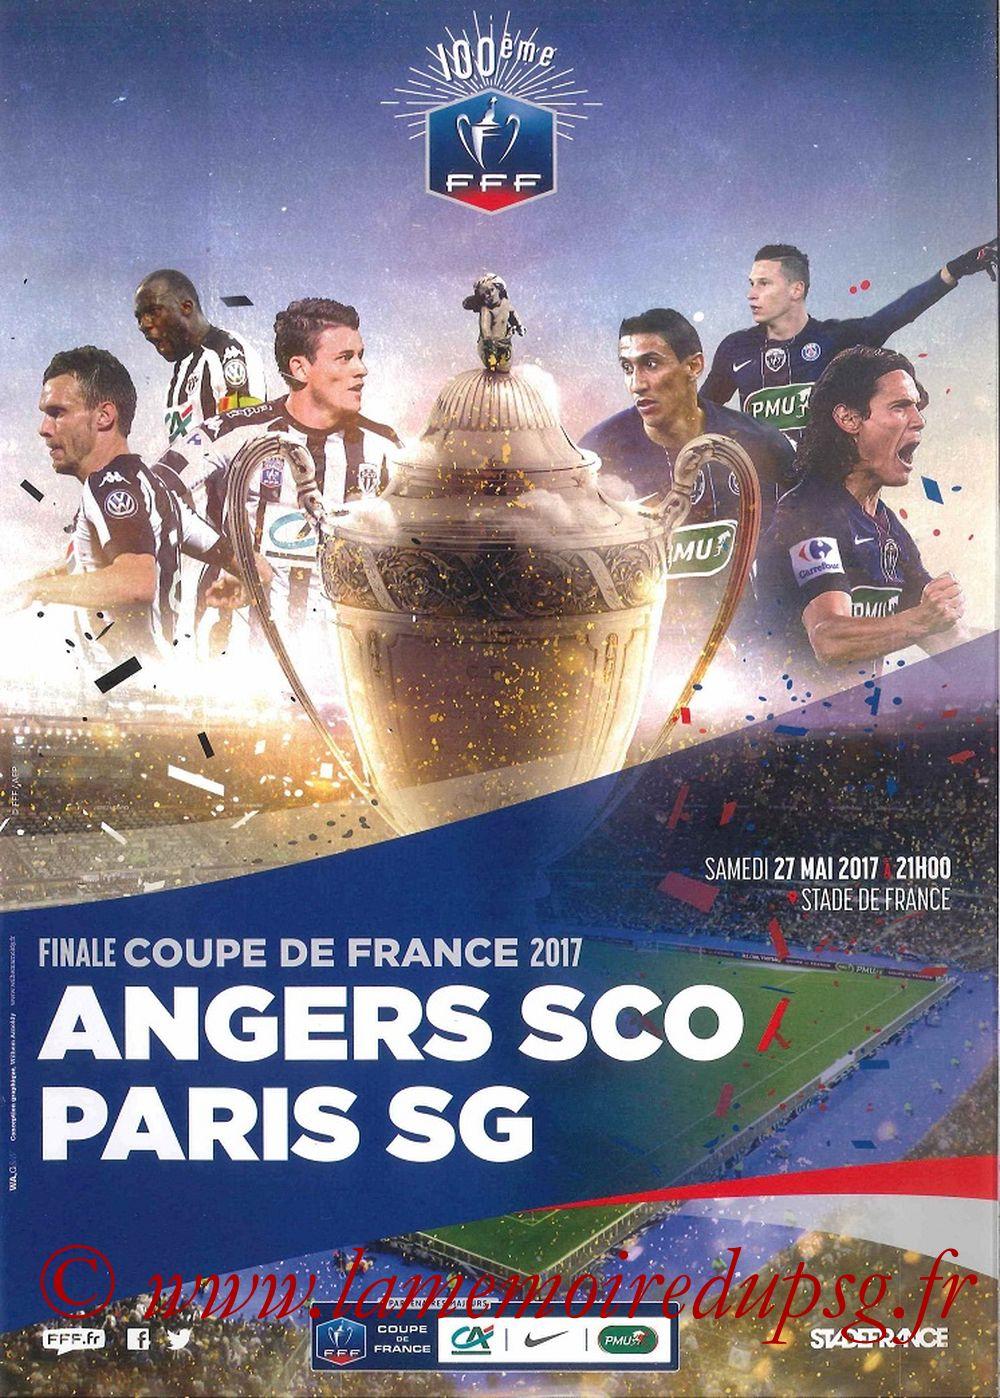 2017-05-27  Angers-PSG (Finale CF à Saint-Denis, Programme officiel)